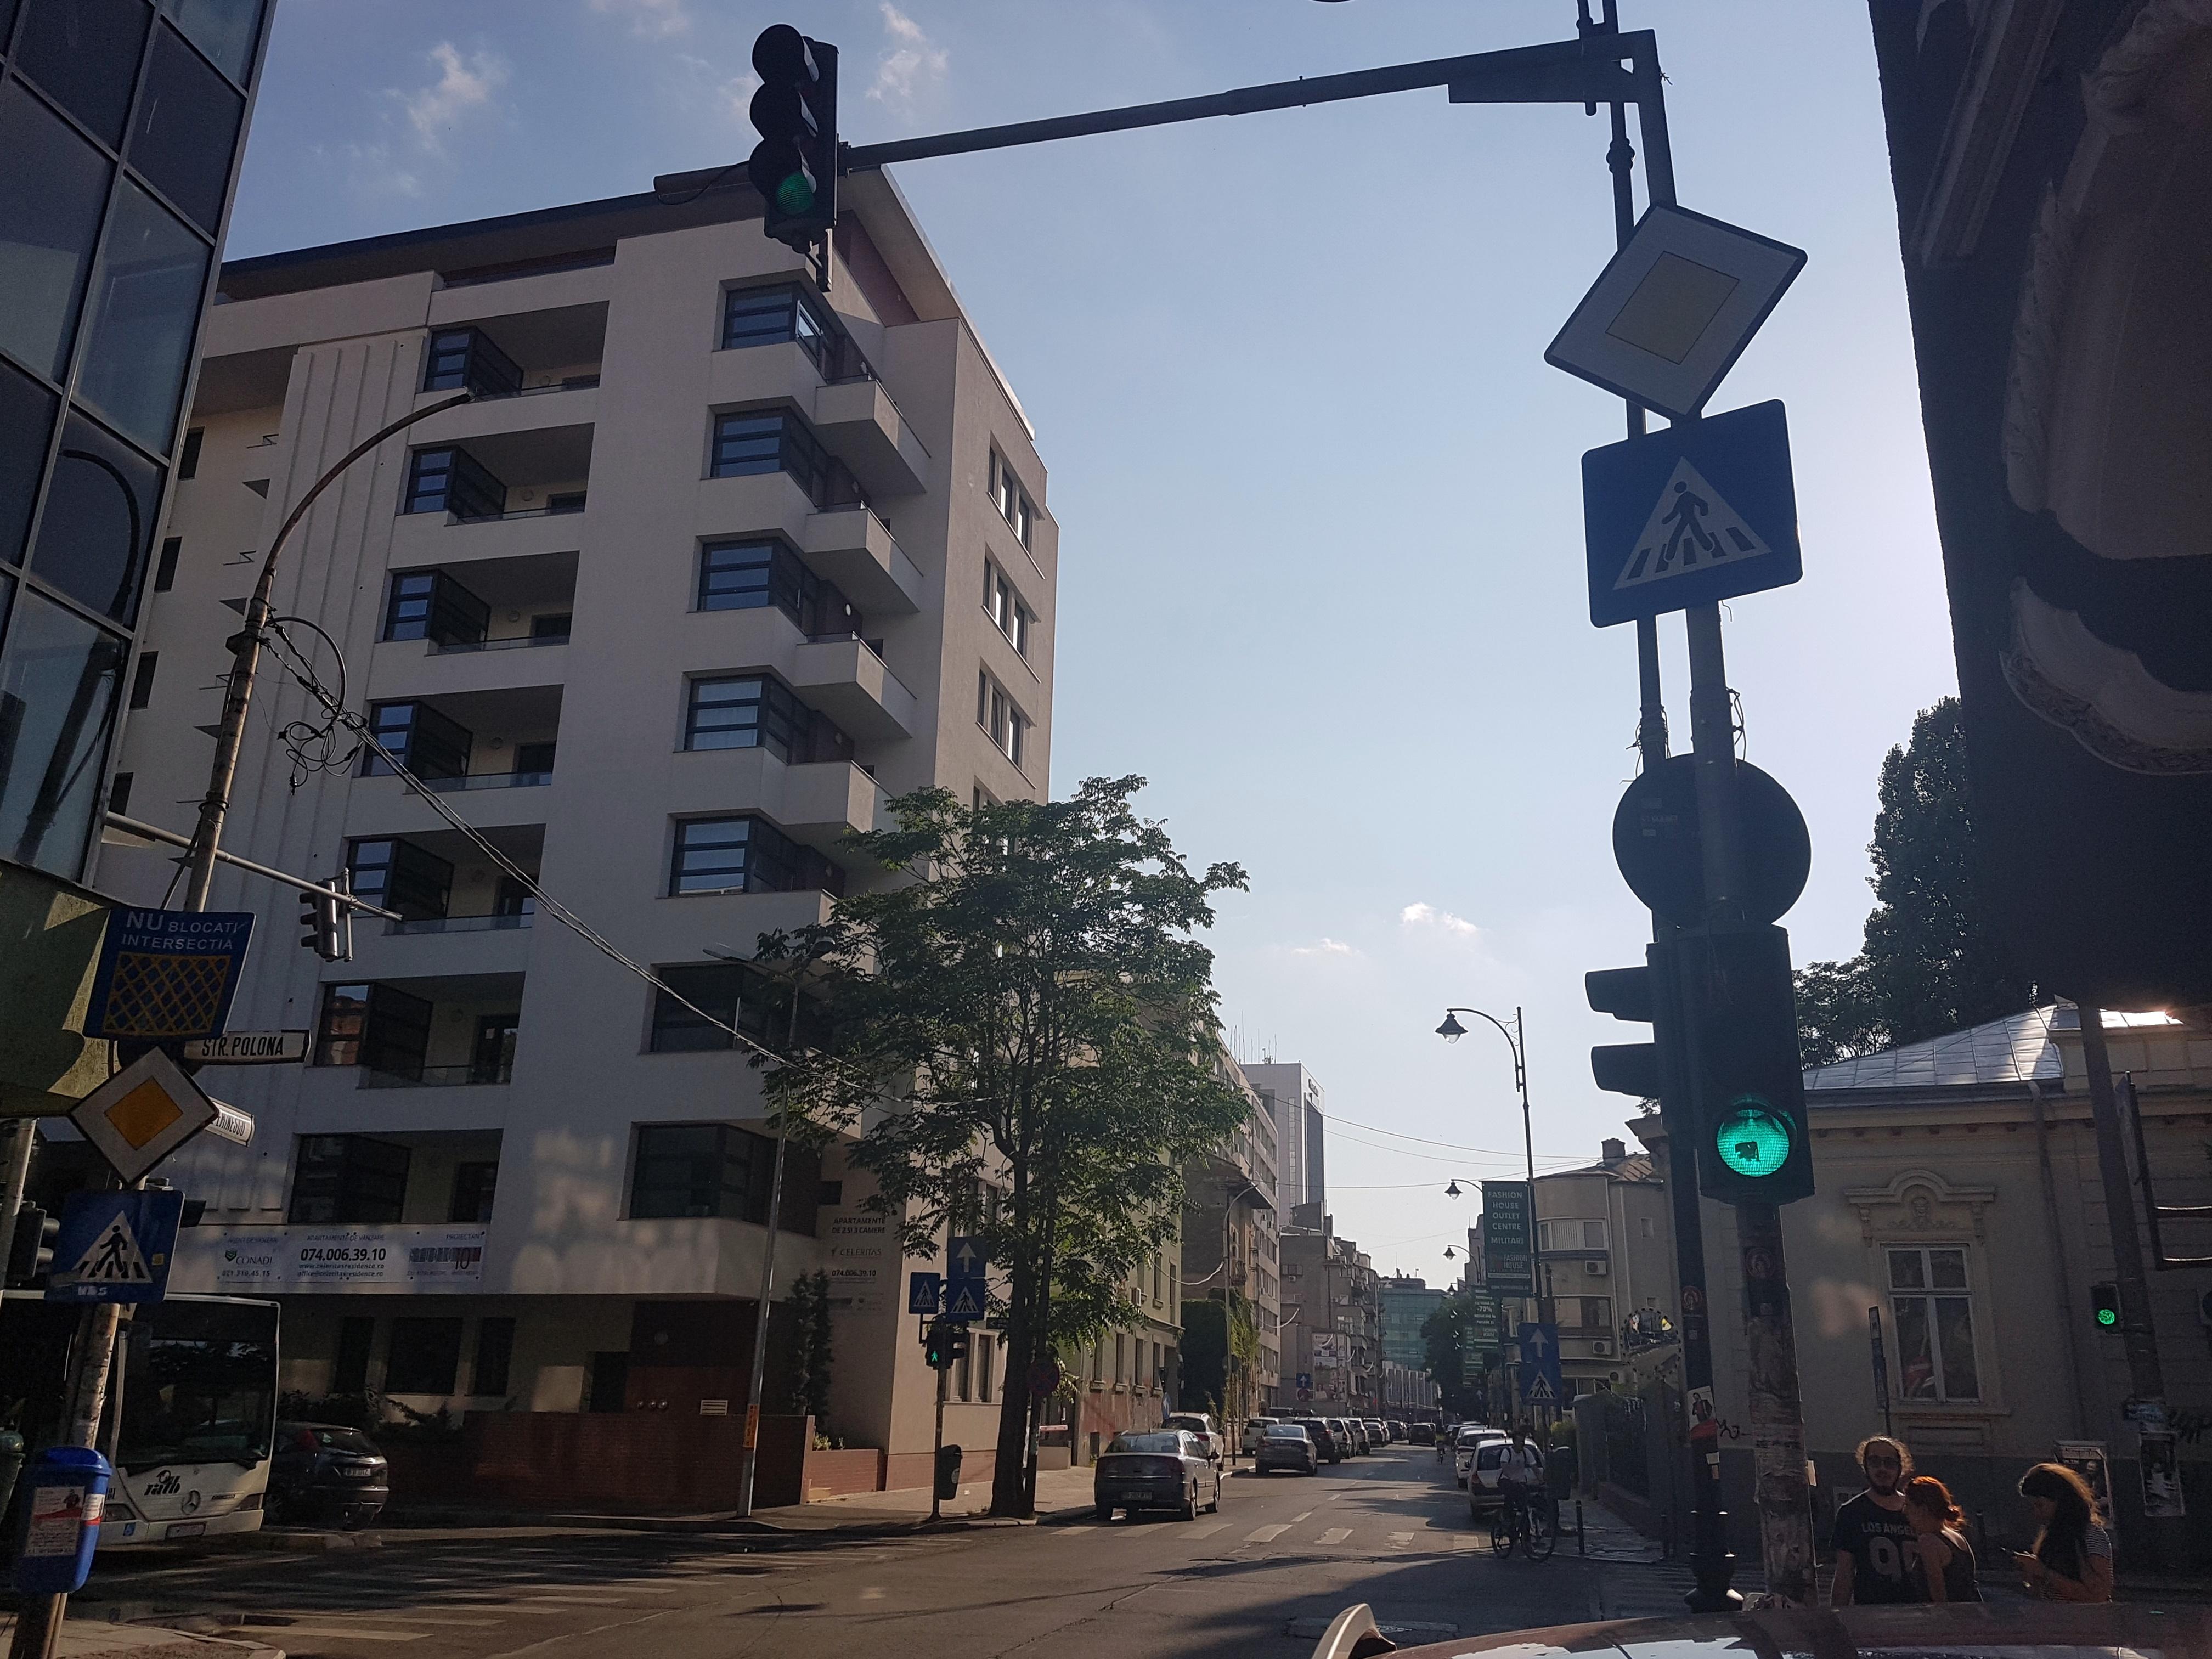 Un bloc cu patru etaje ar putea apărea în zona protejată Mihai Eminescu, vizavi de casa Henrieta Delavrancea, monument istoric. Cum a fost distrusă zona în ultimii 15 ani 13